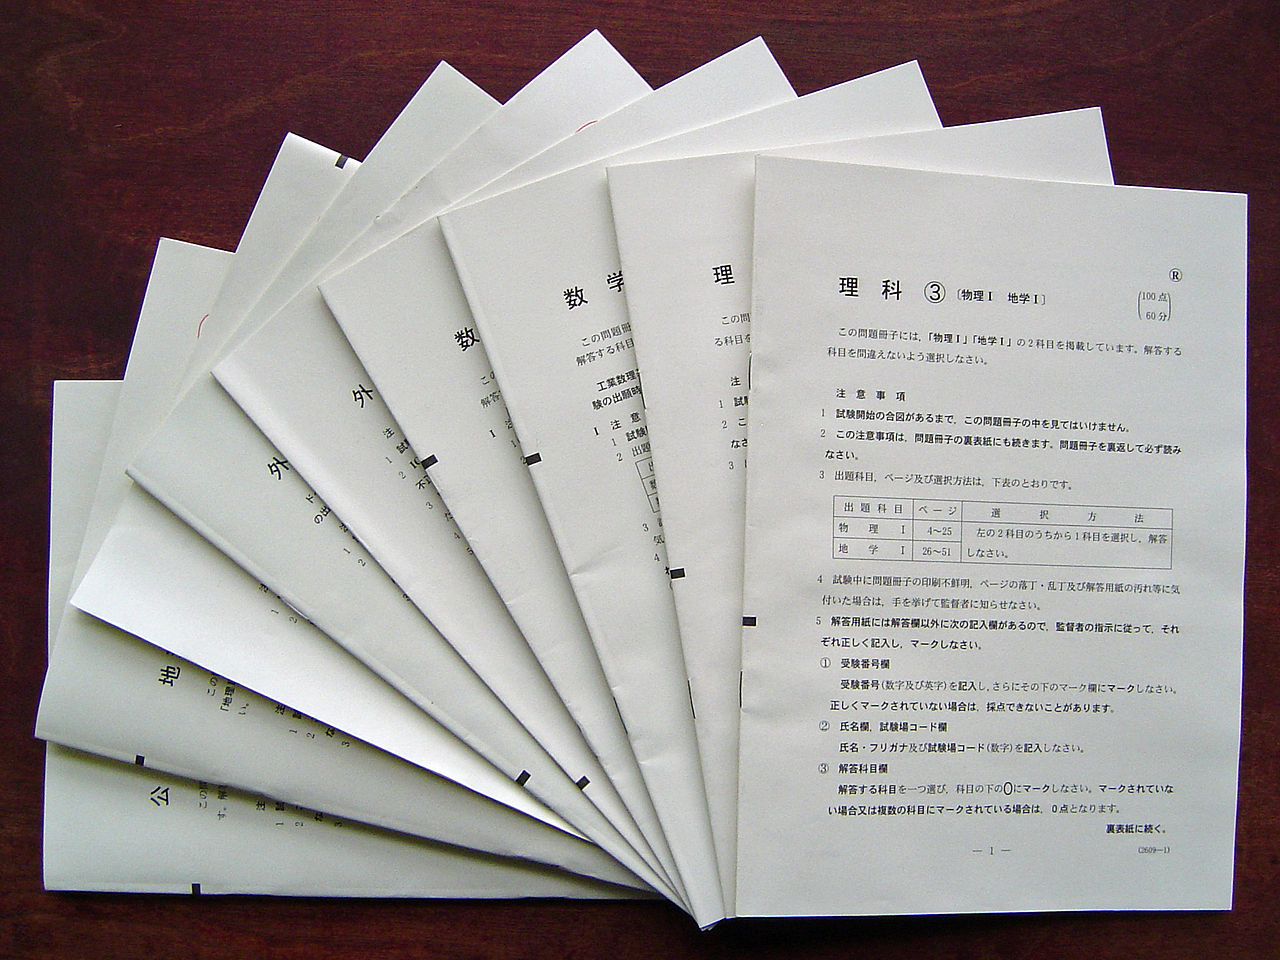 大学入試センター試験対策